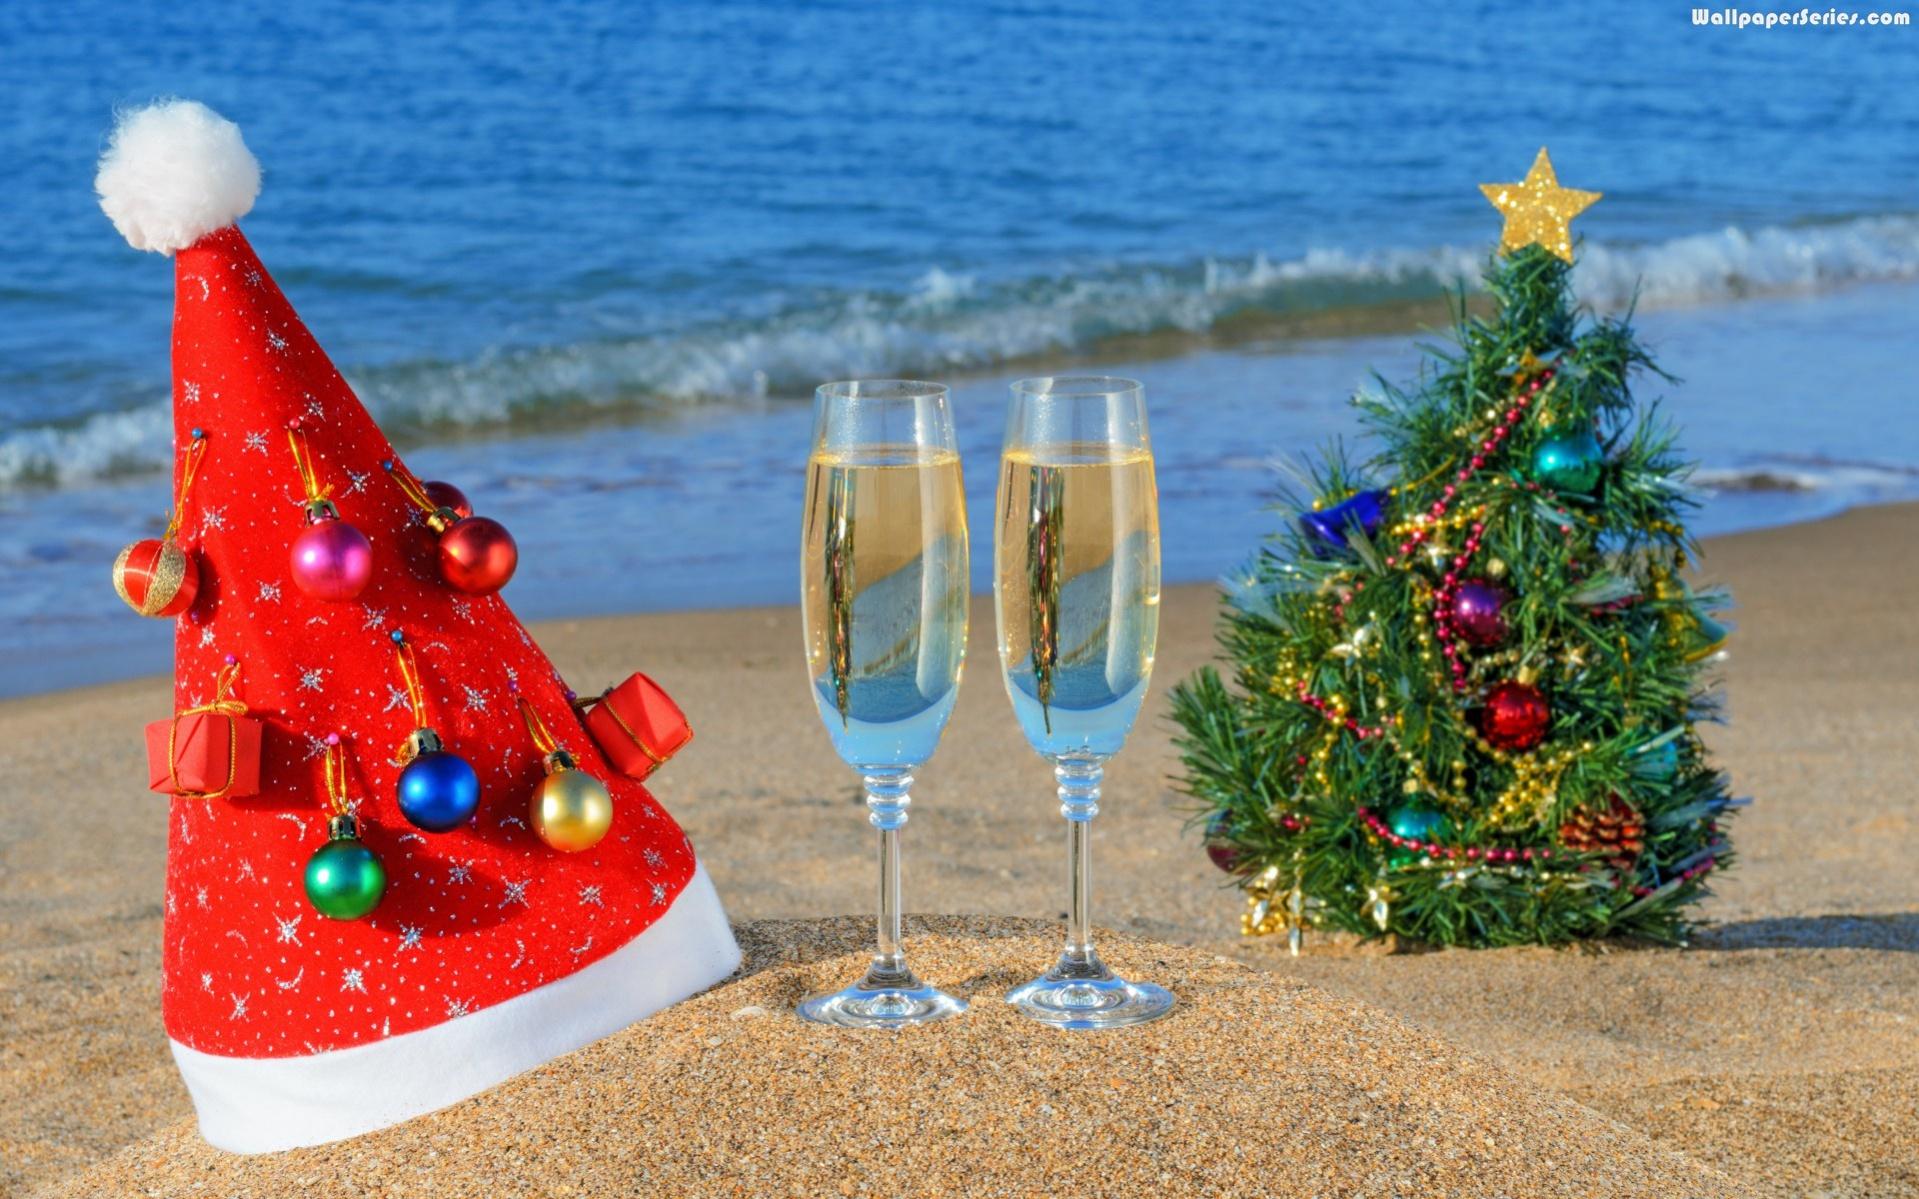 Christmas Beach Wallpaper